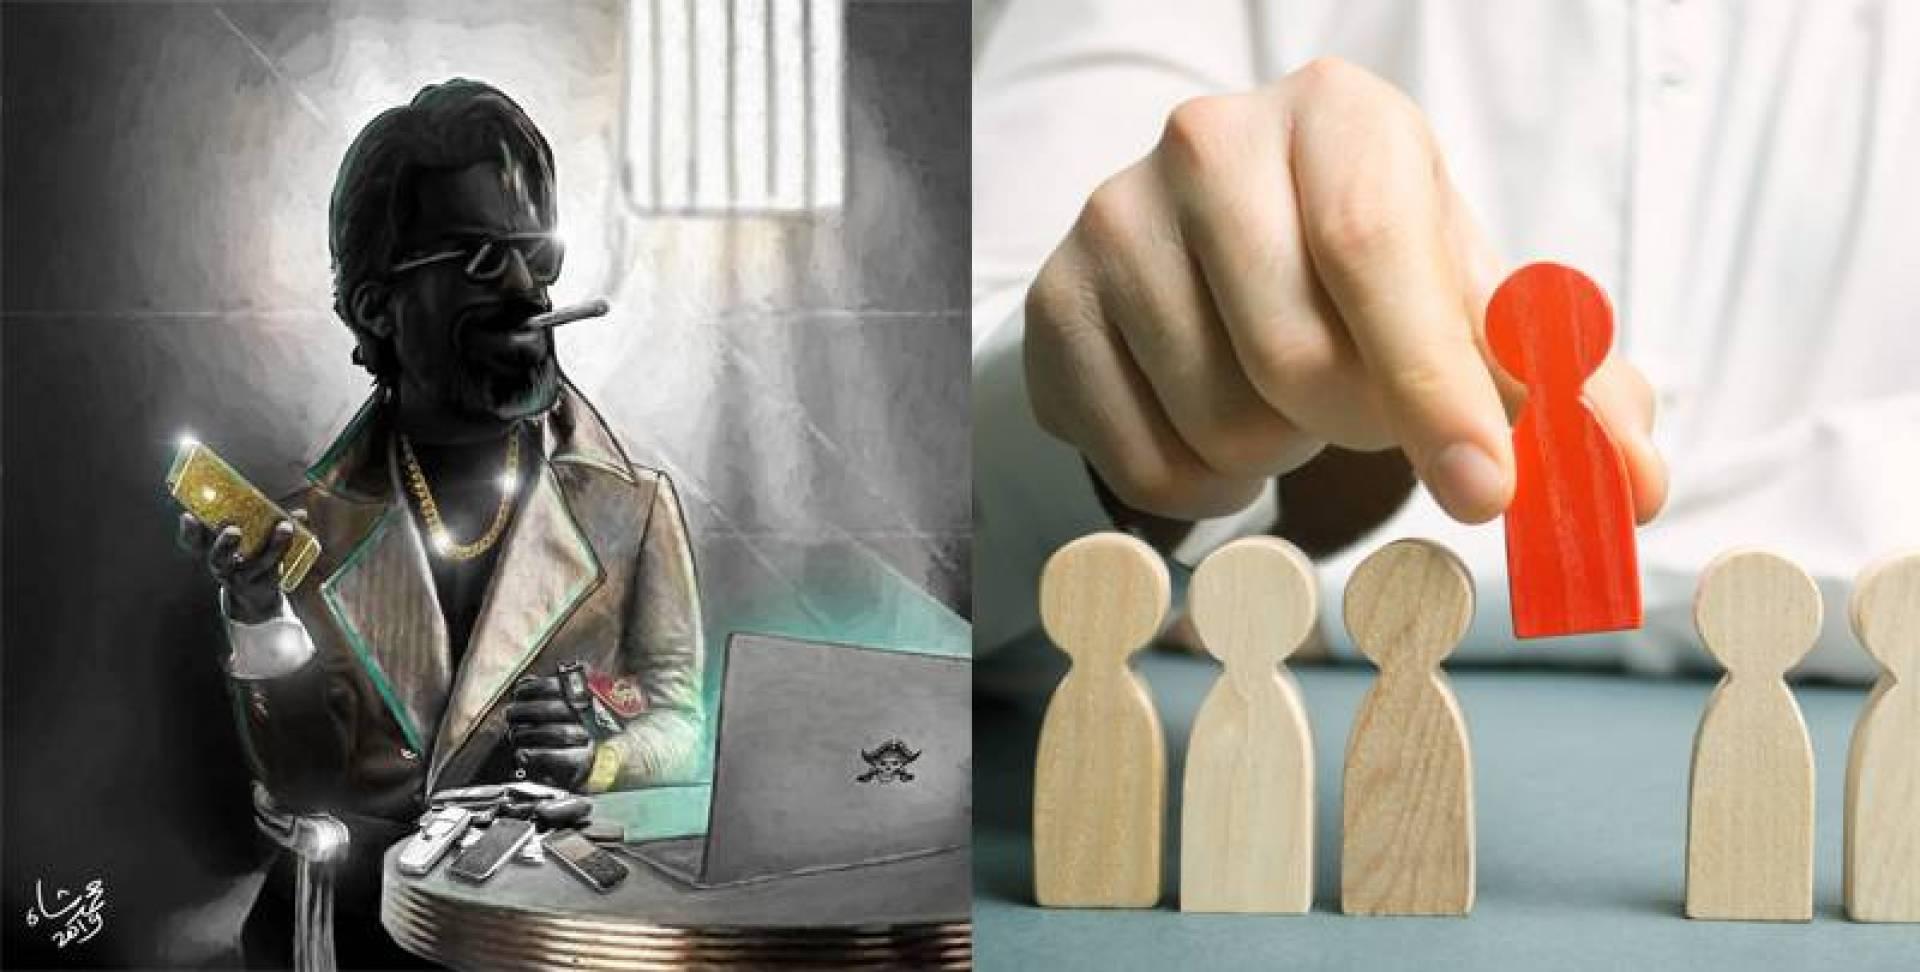 غضب إصلاحي «يُطيِّر» مدير السجن المركزي